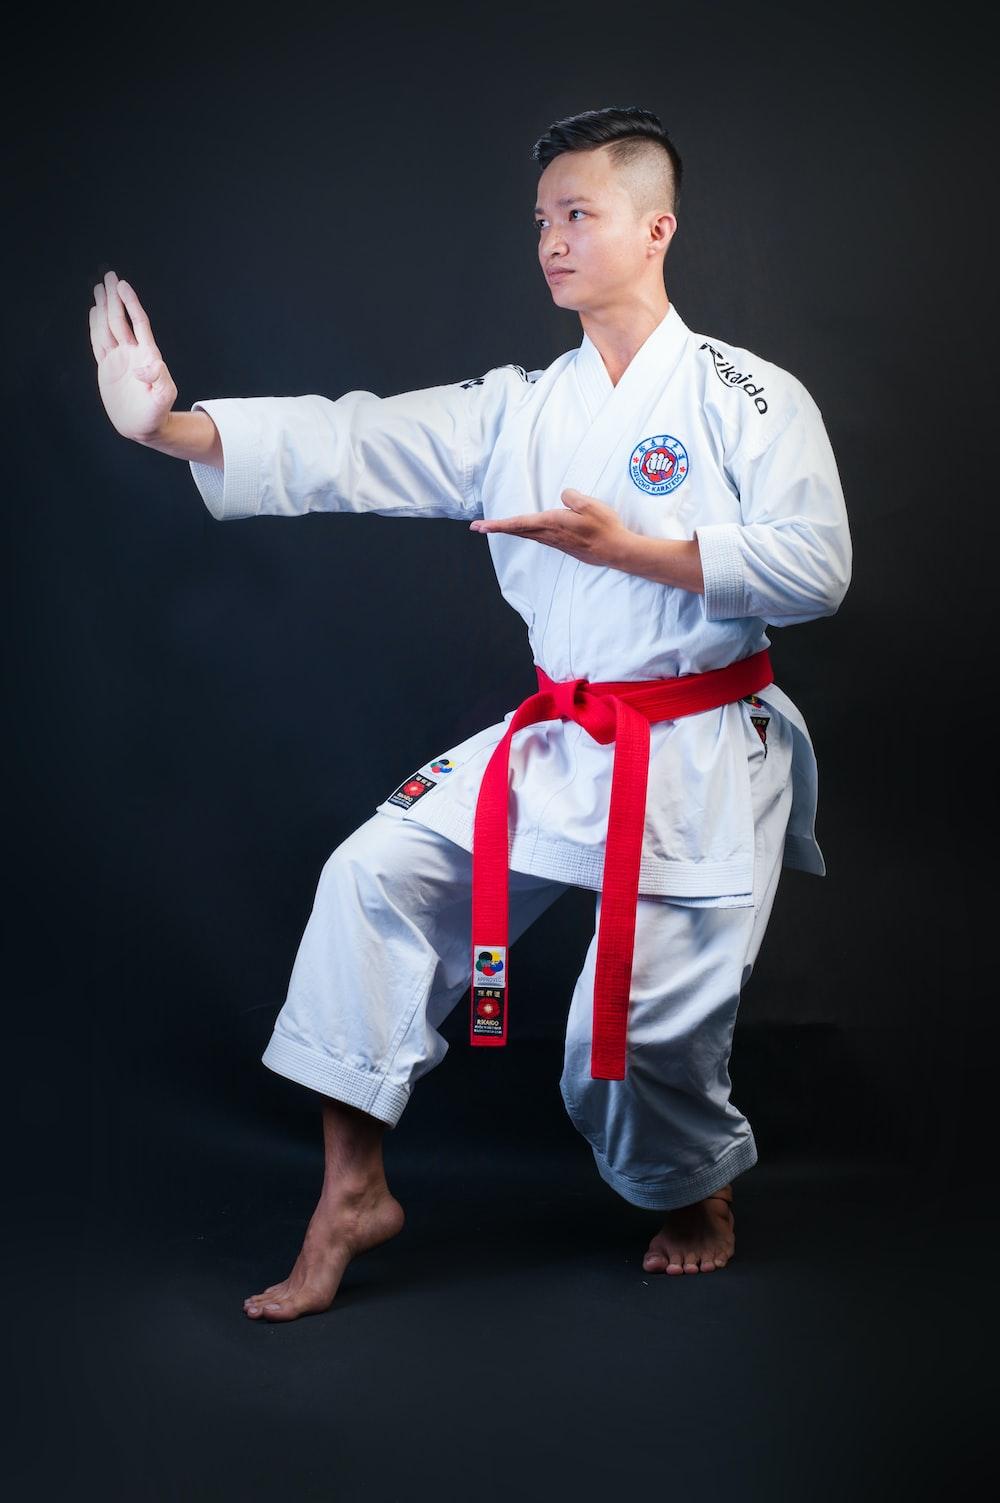 man standing wearing white karate gi